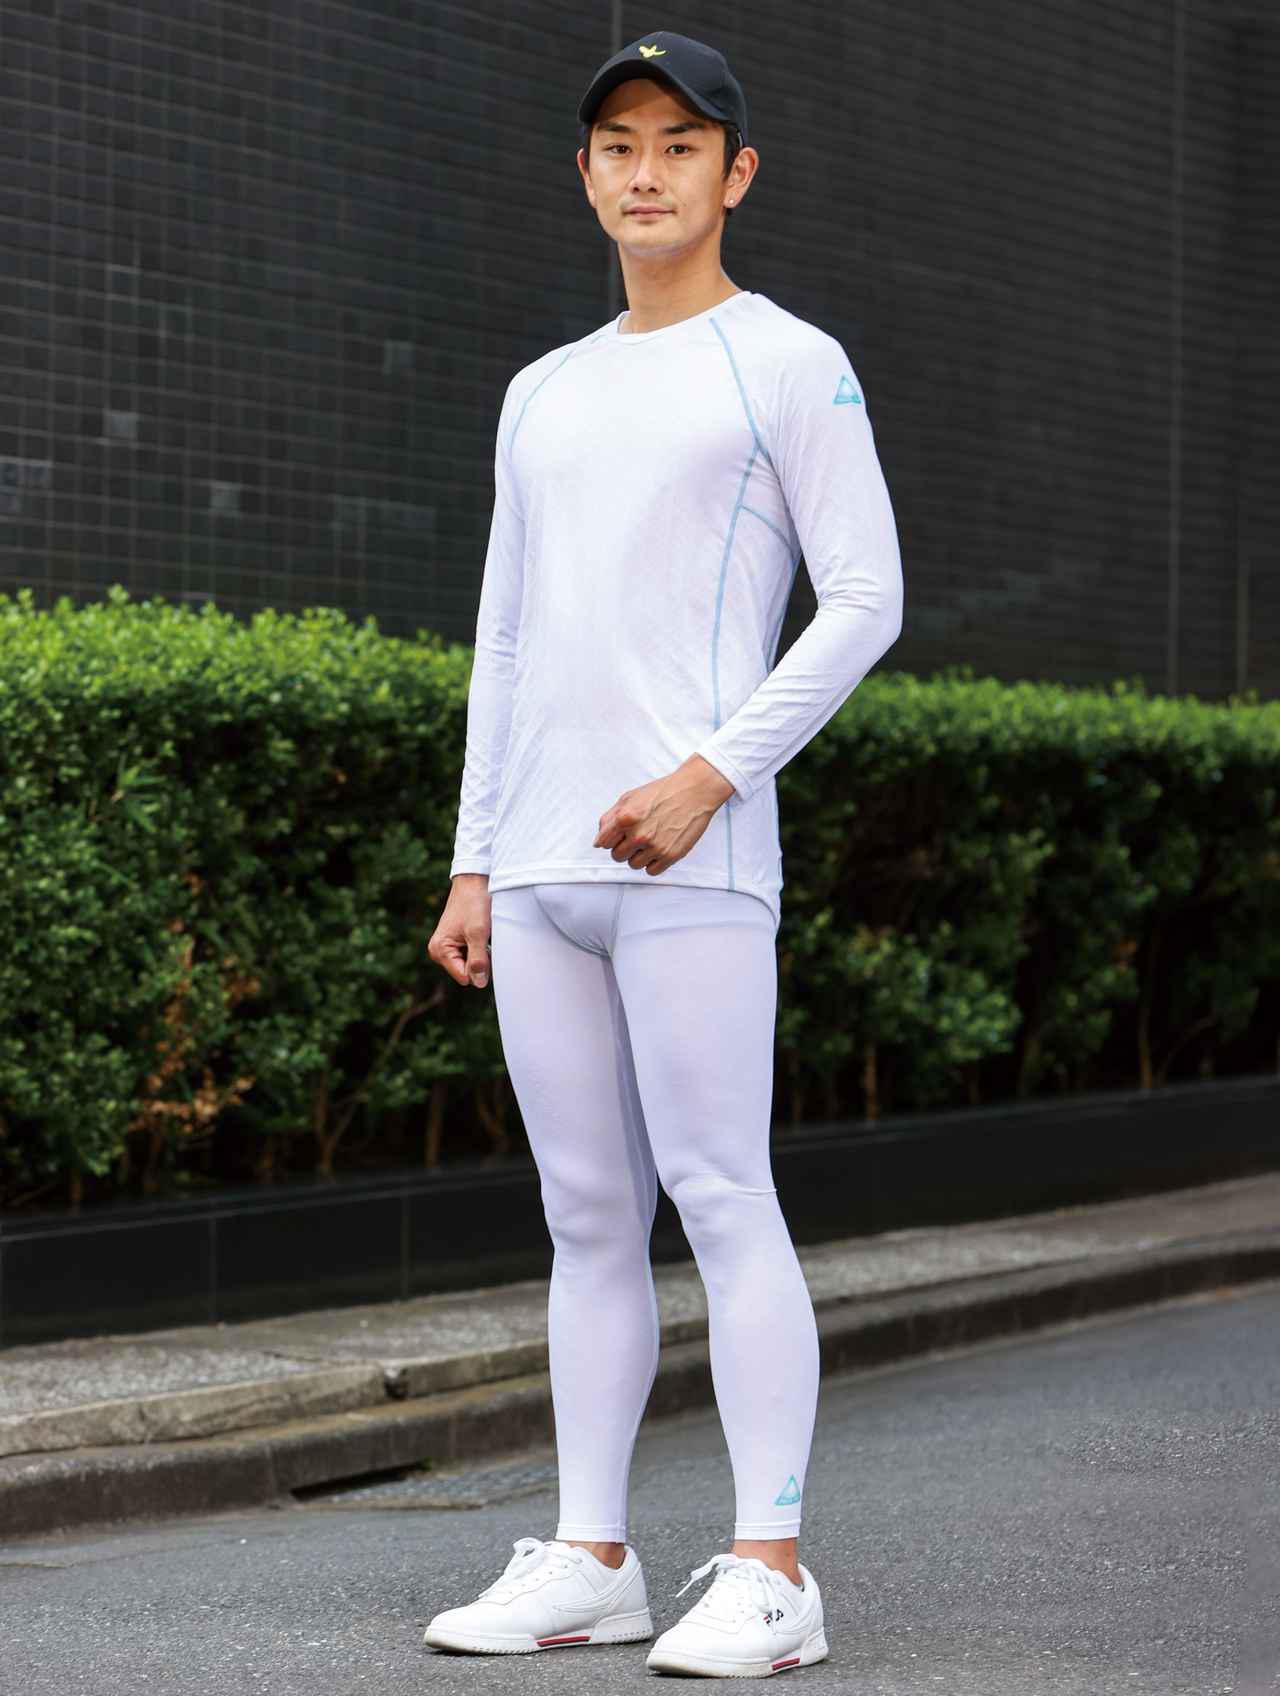 画像: FREEZE TECH/冷却インナーシャツ長袖クルーネック・冷却フルレングスタイツ 税込価格:シャツ=6,380円・タイツ=5,830円 サイズ:S、M、L、XL、2XL、3XL、WOMEN カラー: ホワイト、ブラック、ライトグレー モデルは176cm・67kg/上下Lサイズを着用